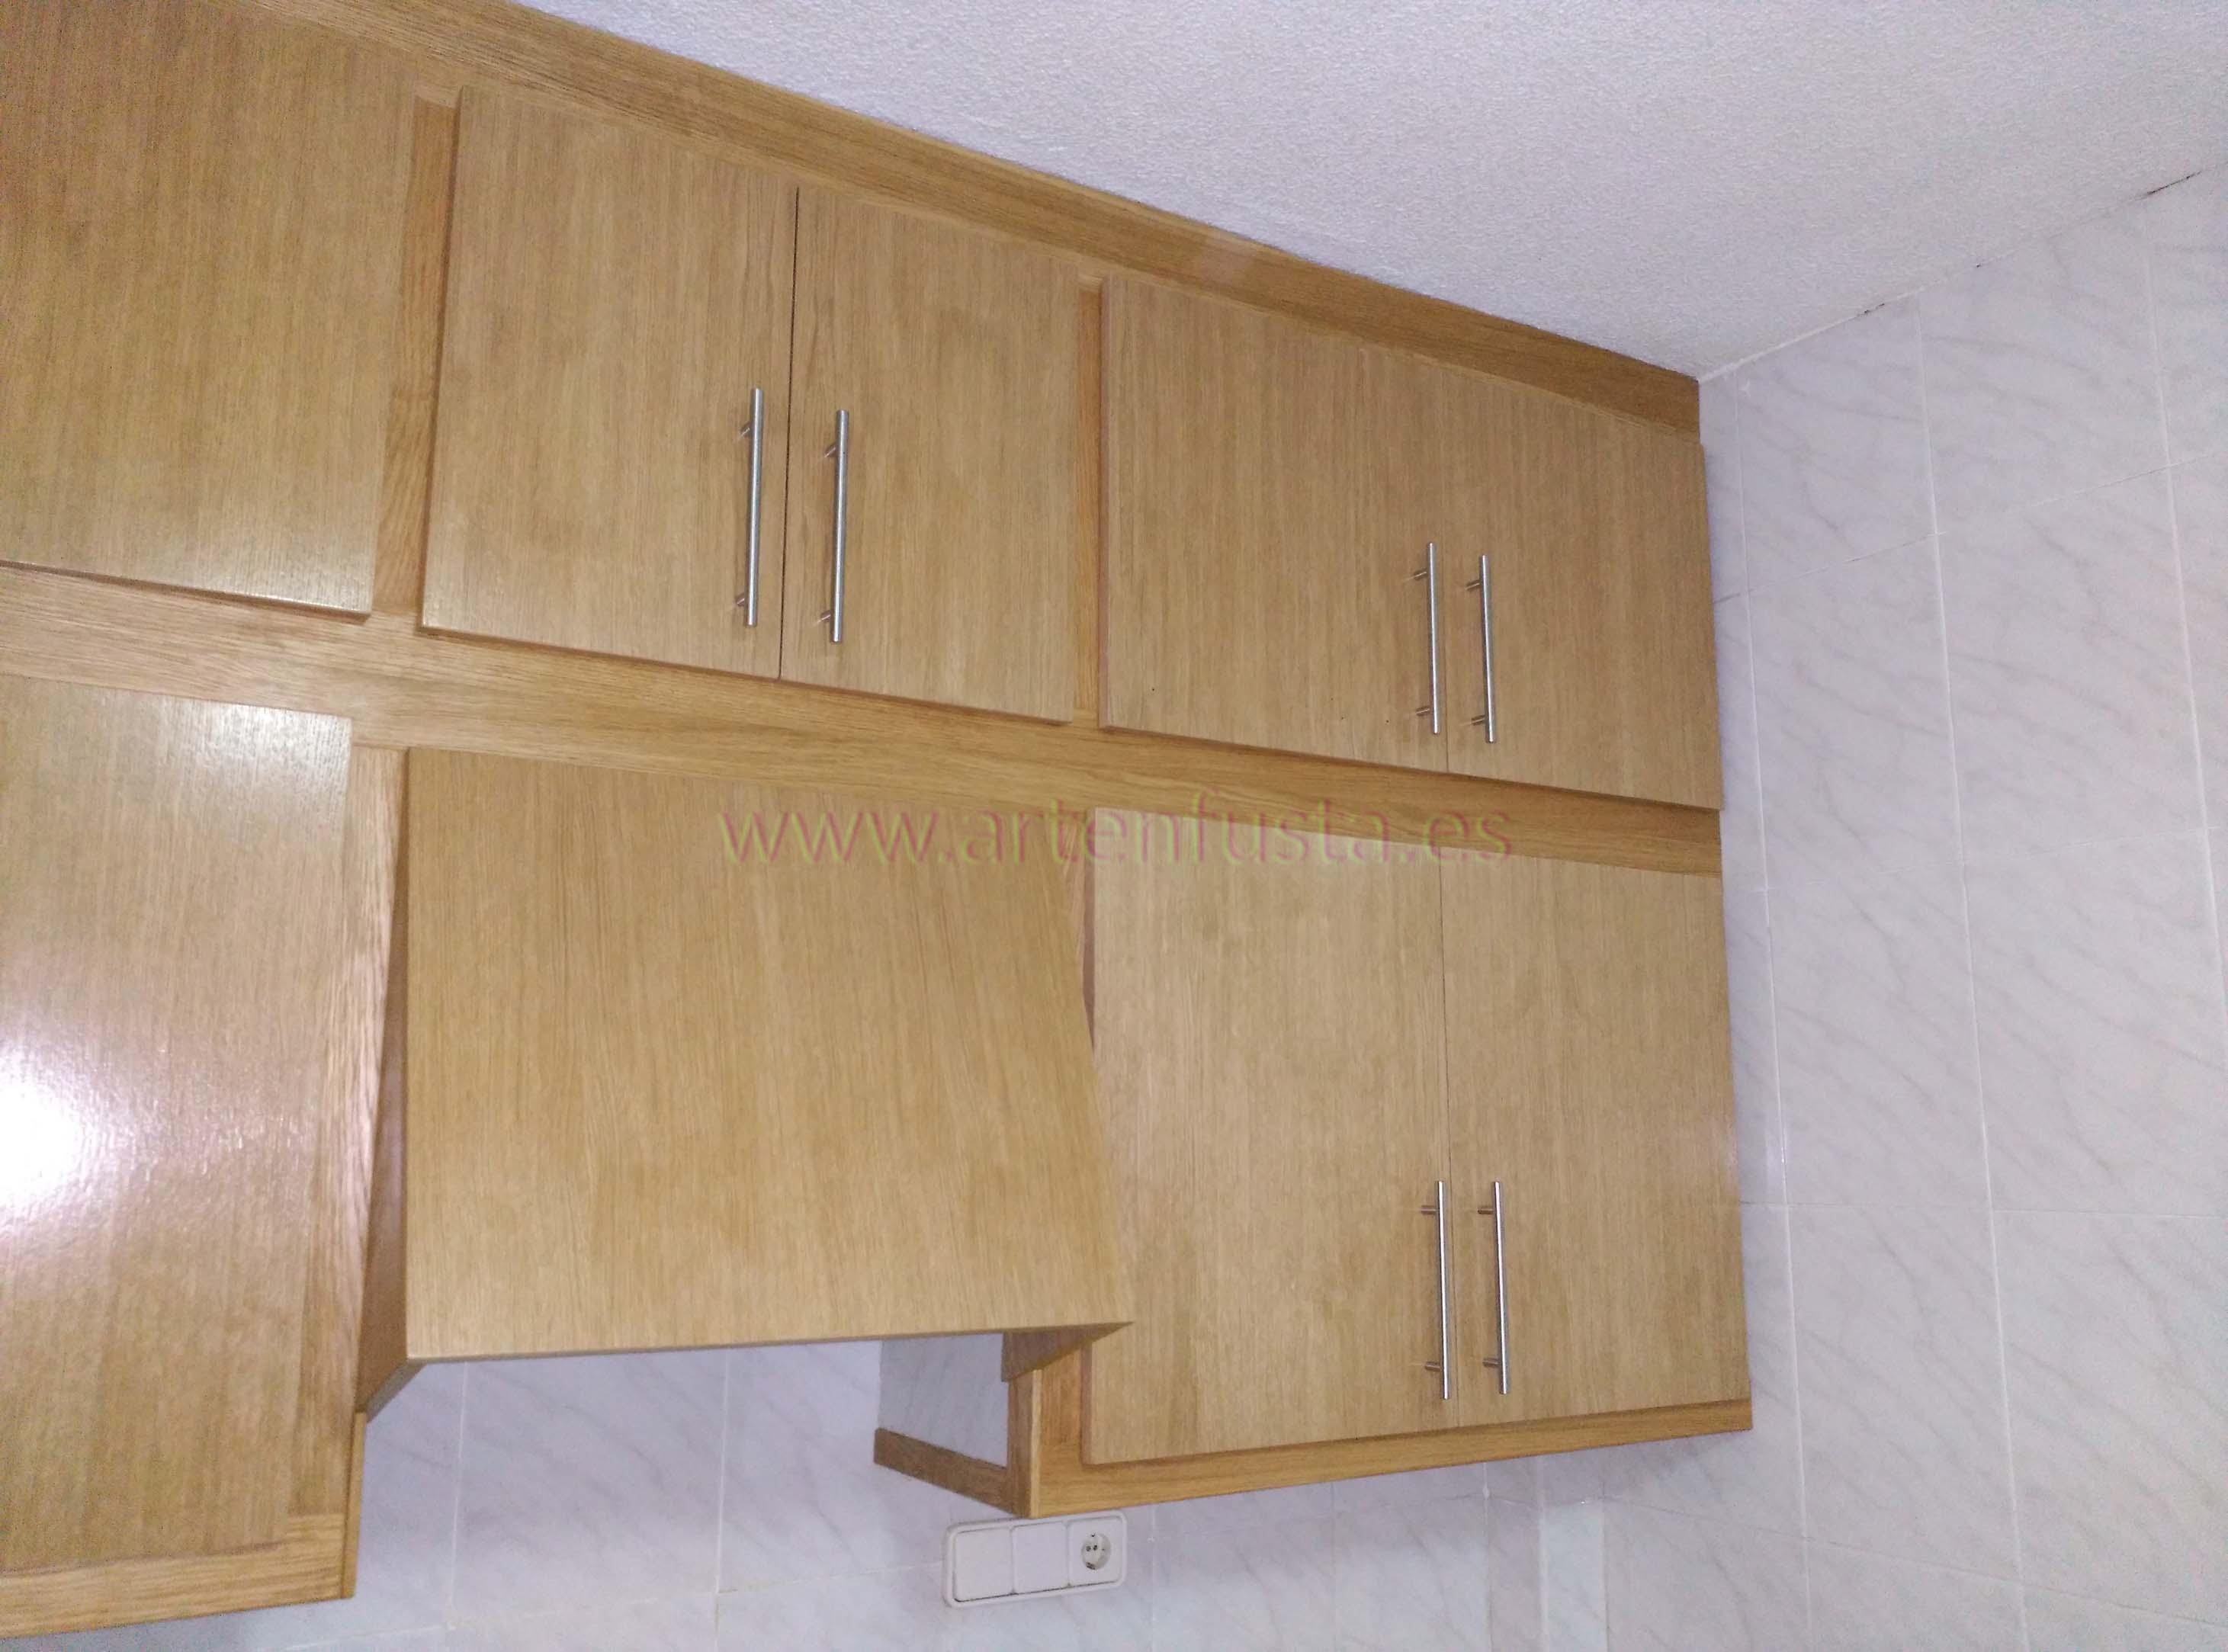 Muebles de cocina de roble lacada de obra antiguaelche for Muebles anticrisis el castor alicante